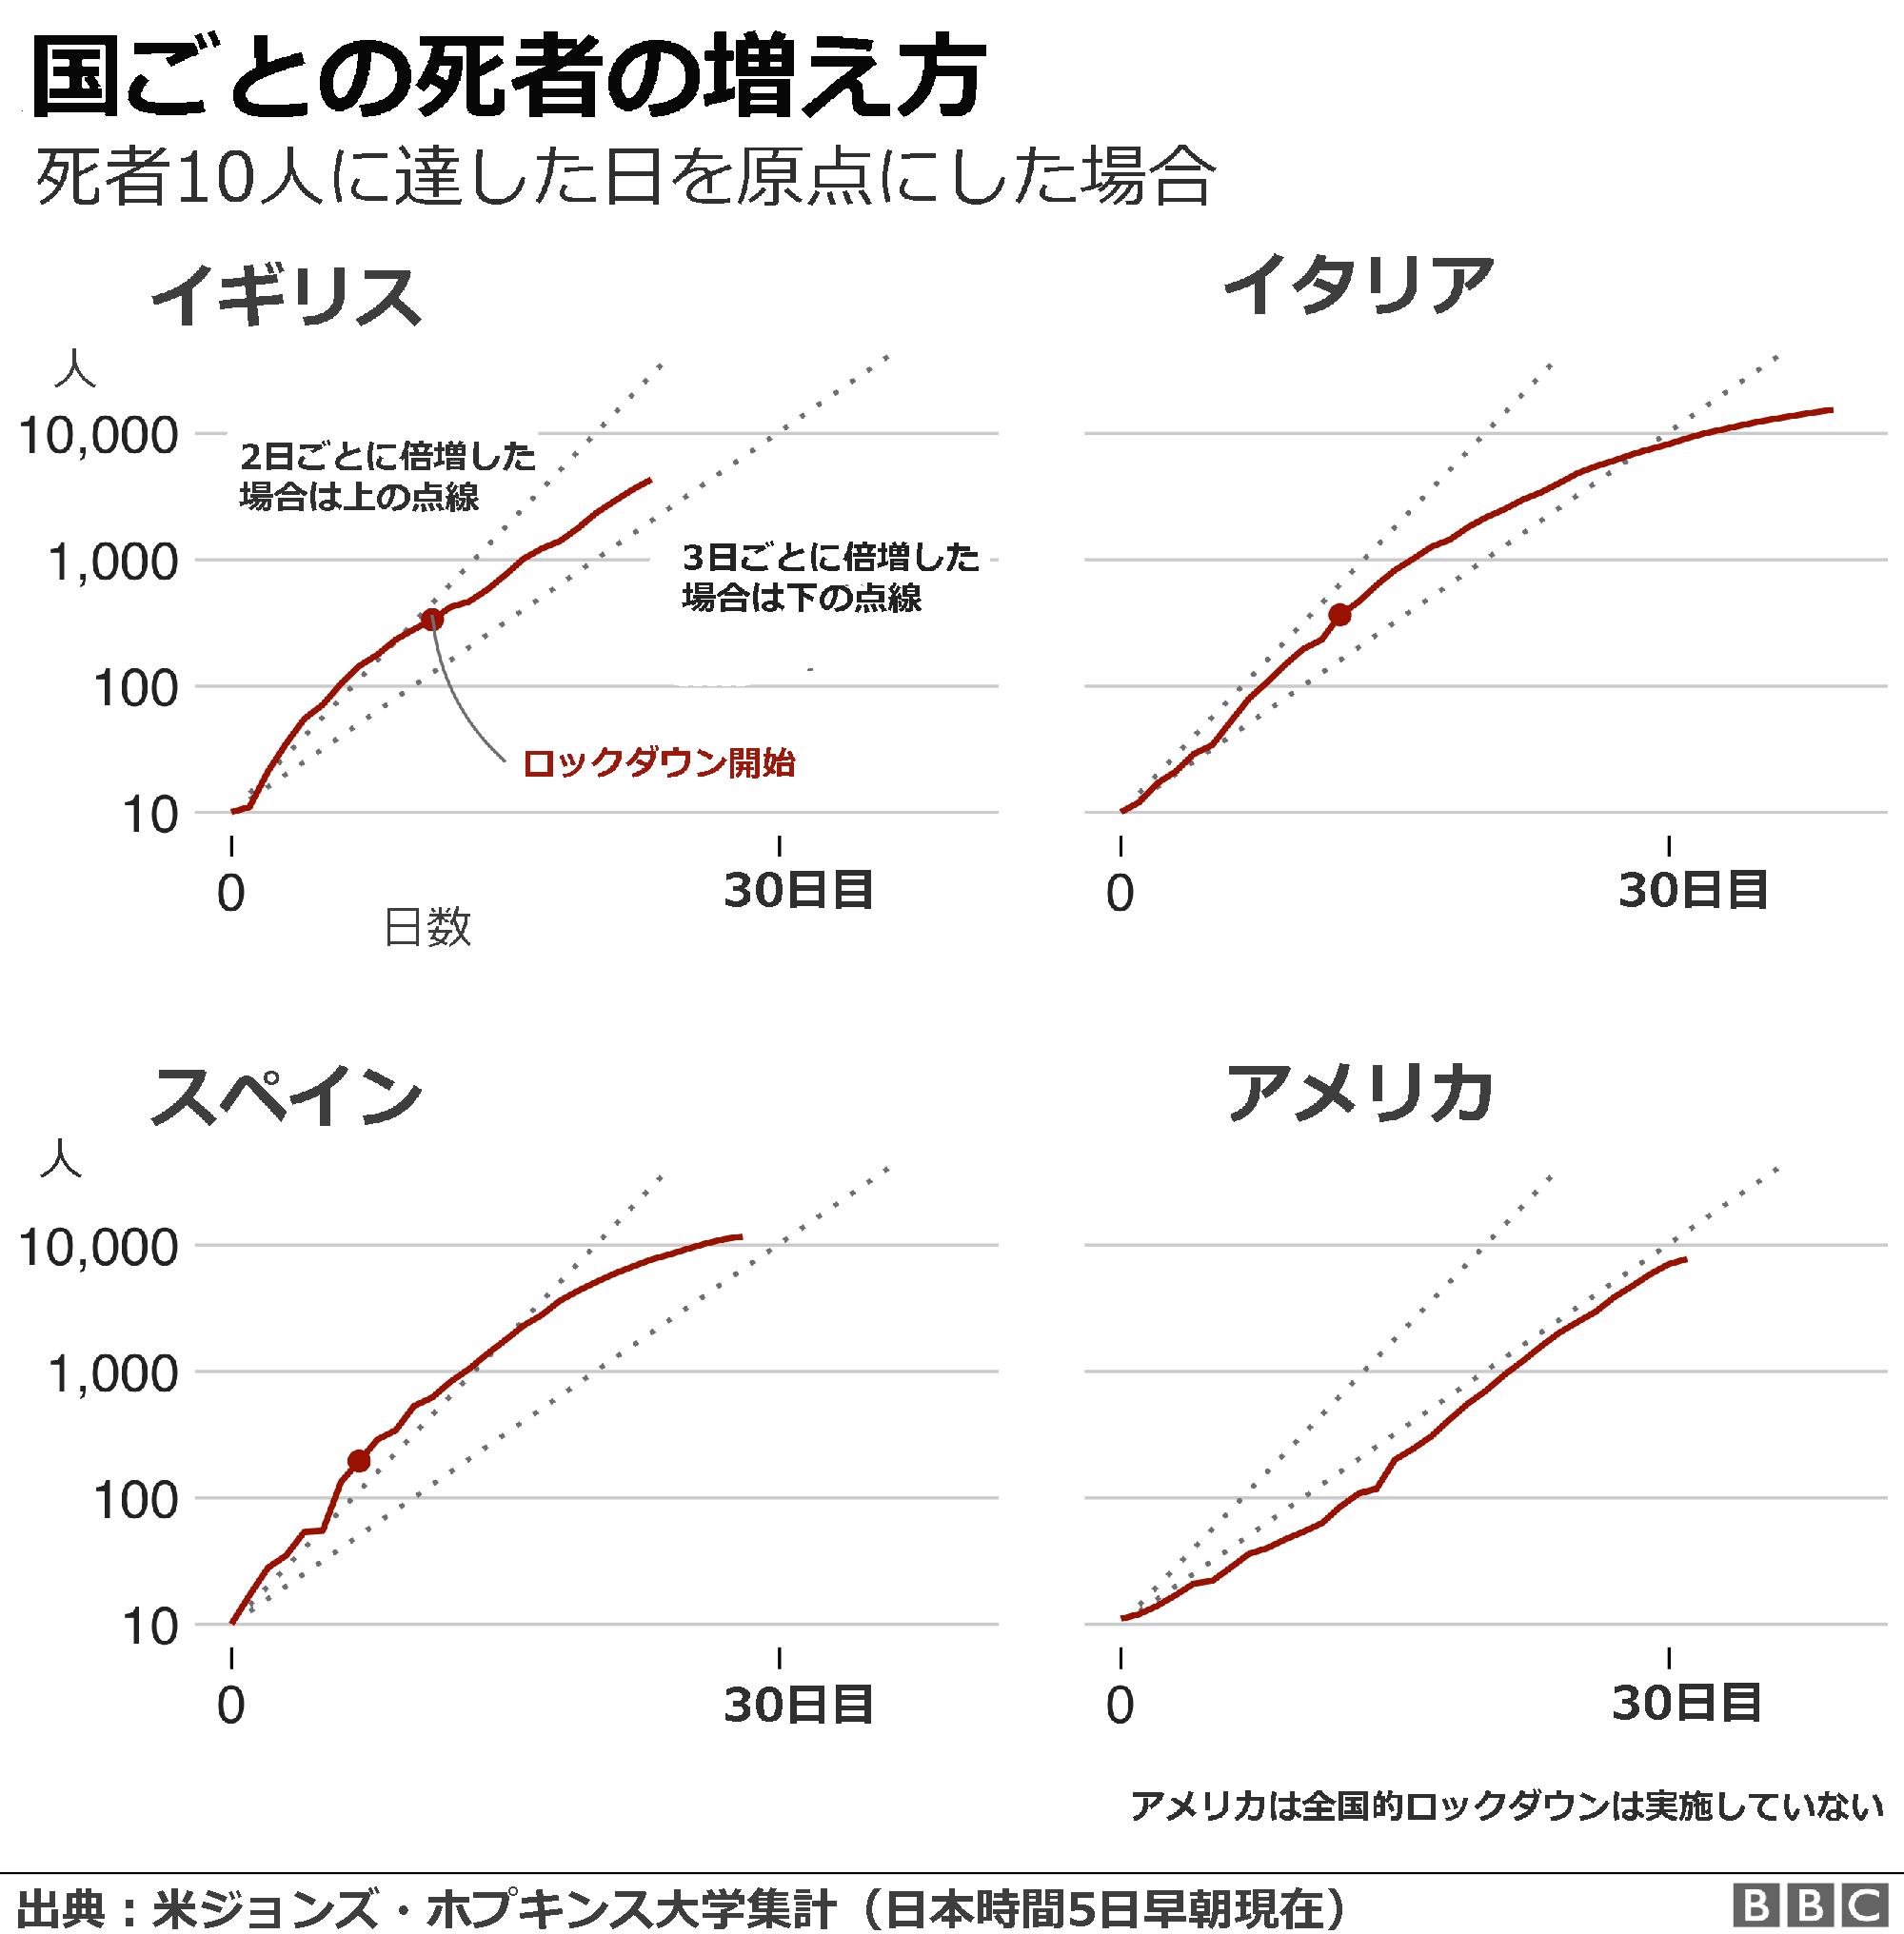 アメリカ の コロナ 感染 者 数